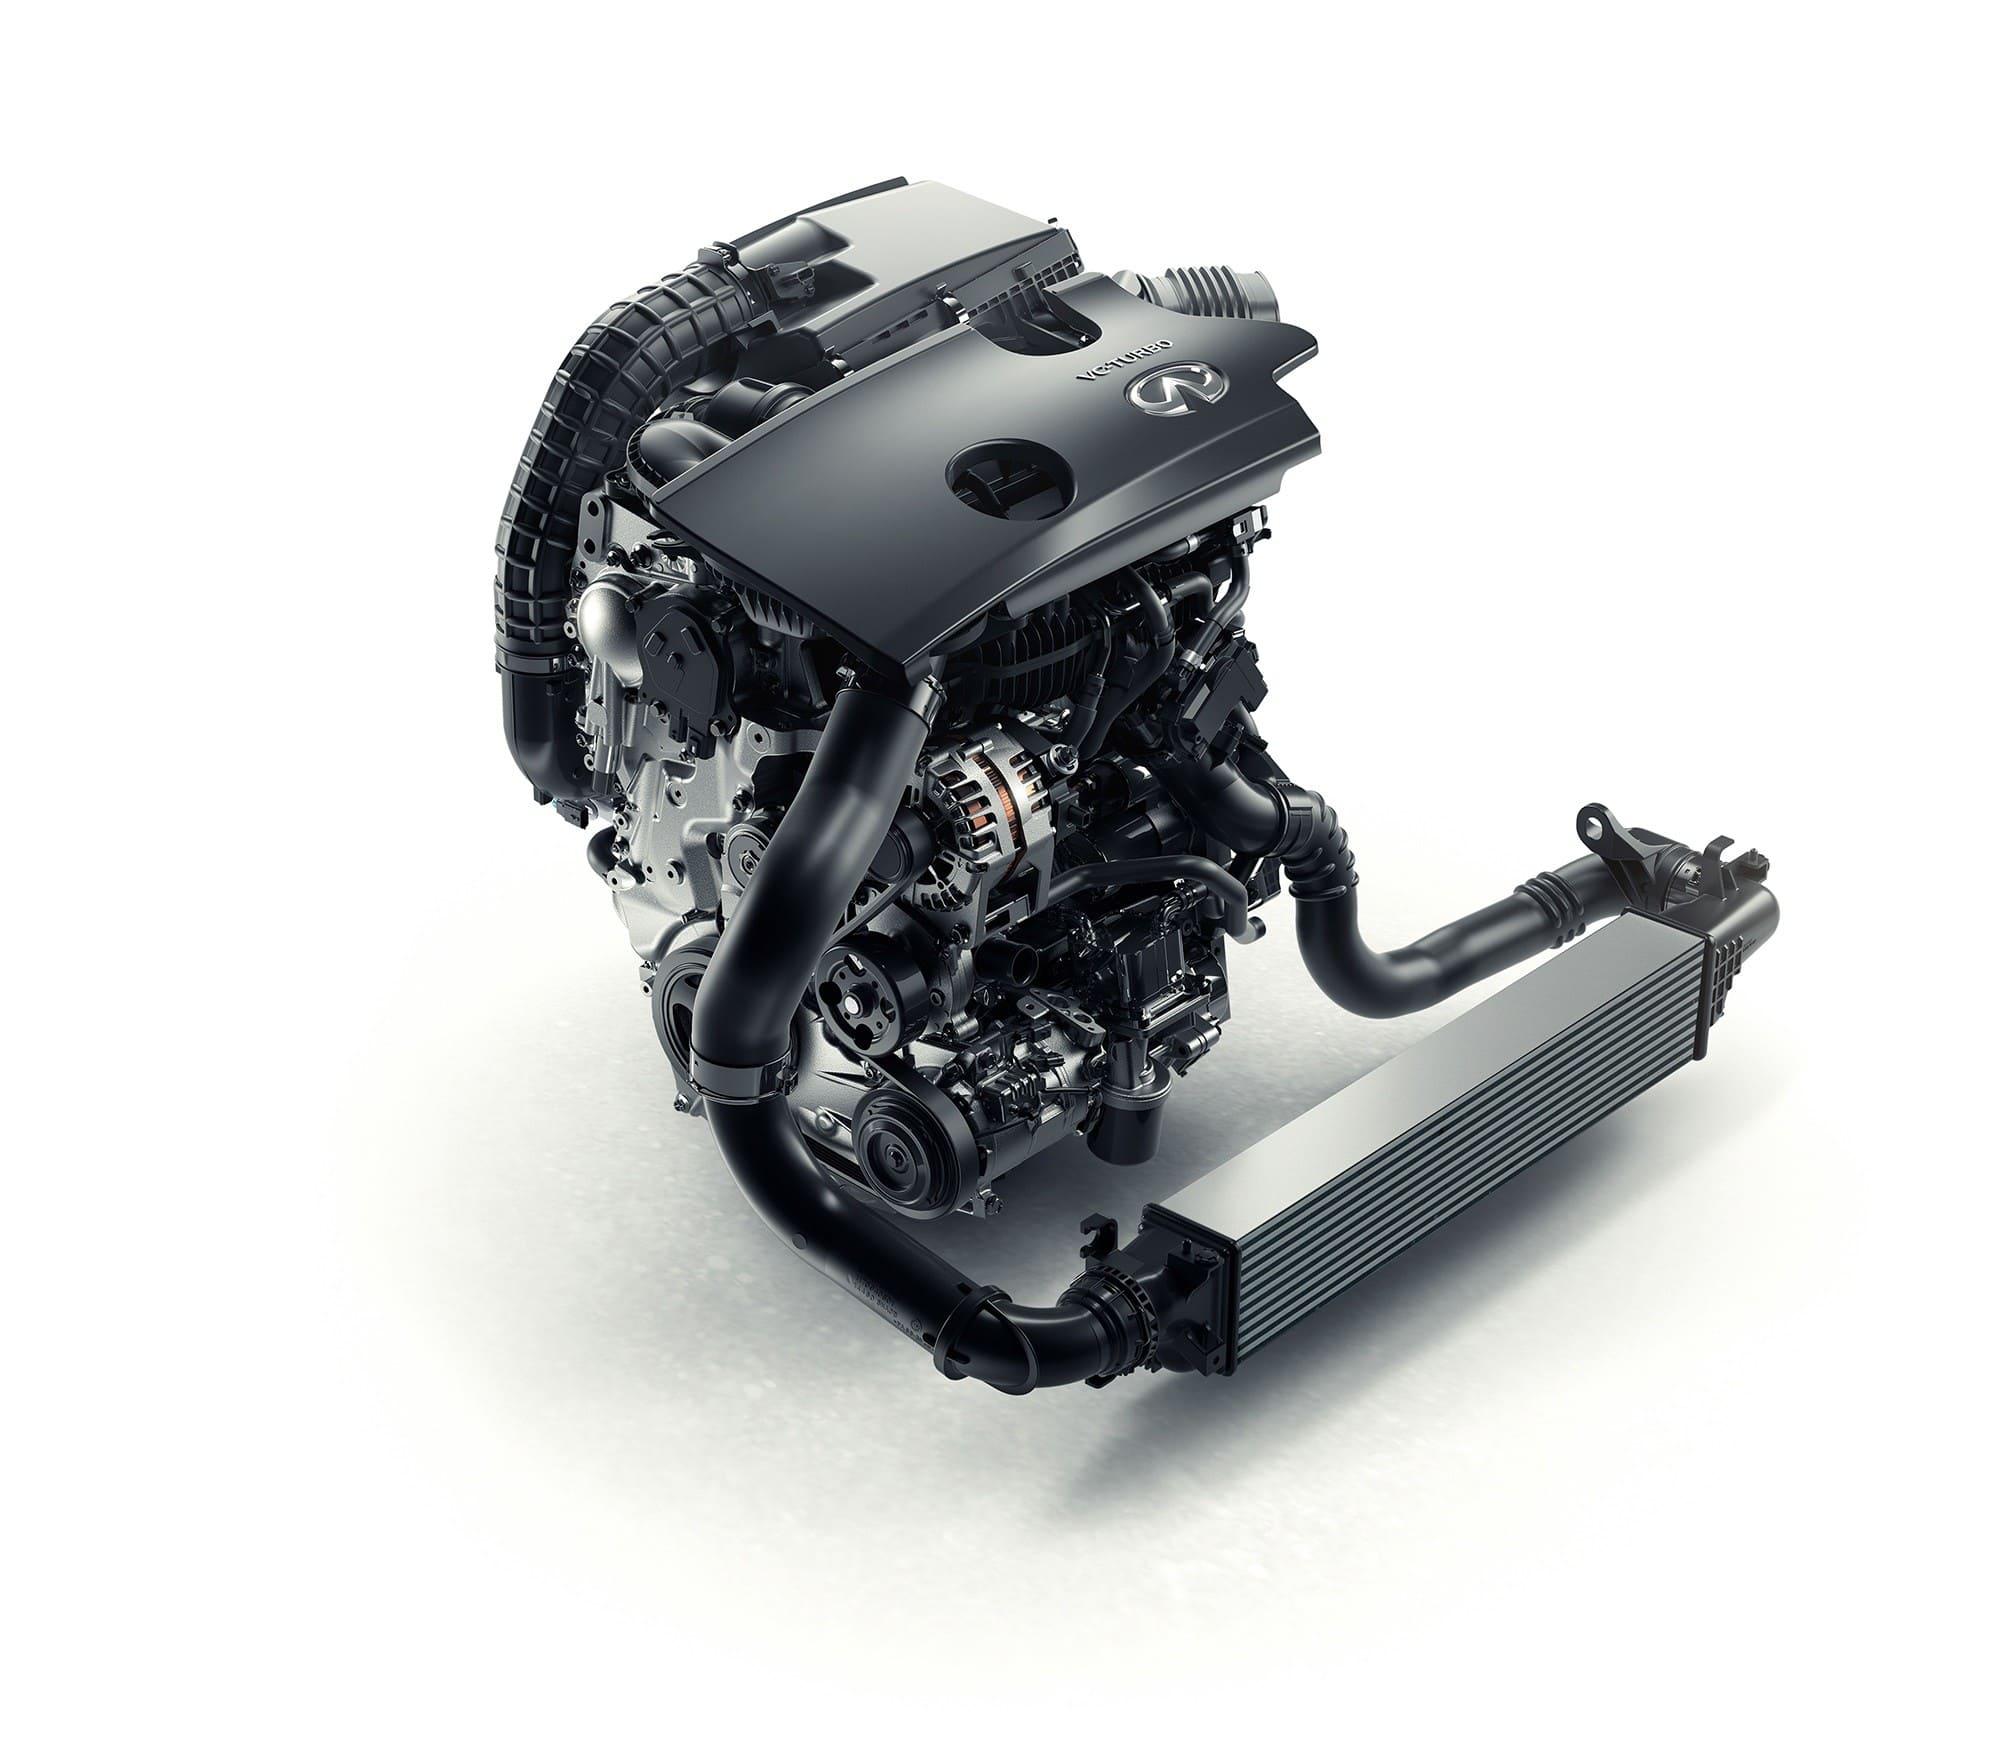 日産自動車の可変圧縮比エンジン「VC ターボ」が機械振興協会会長賞を受賞